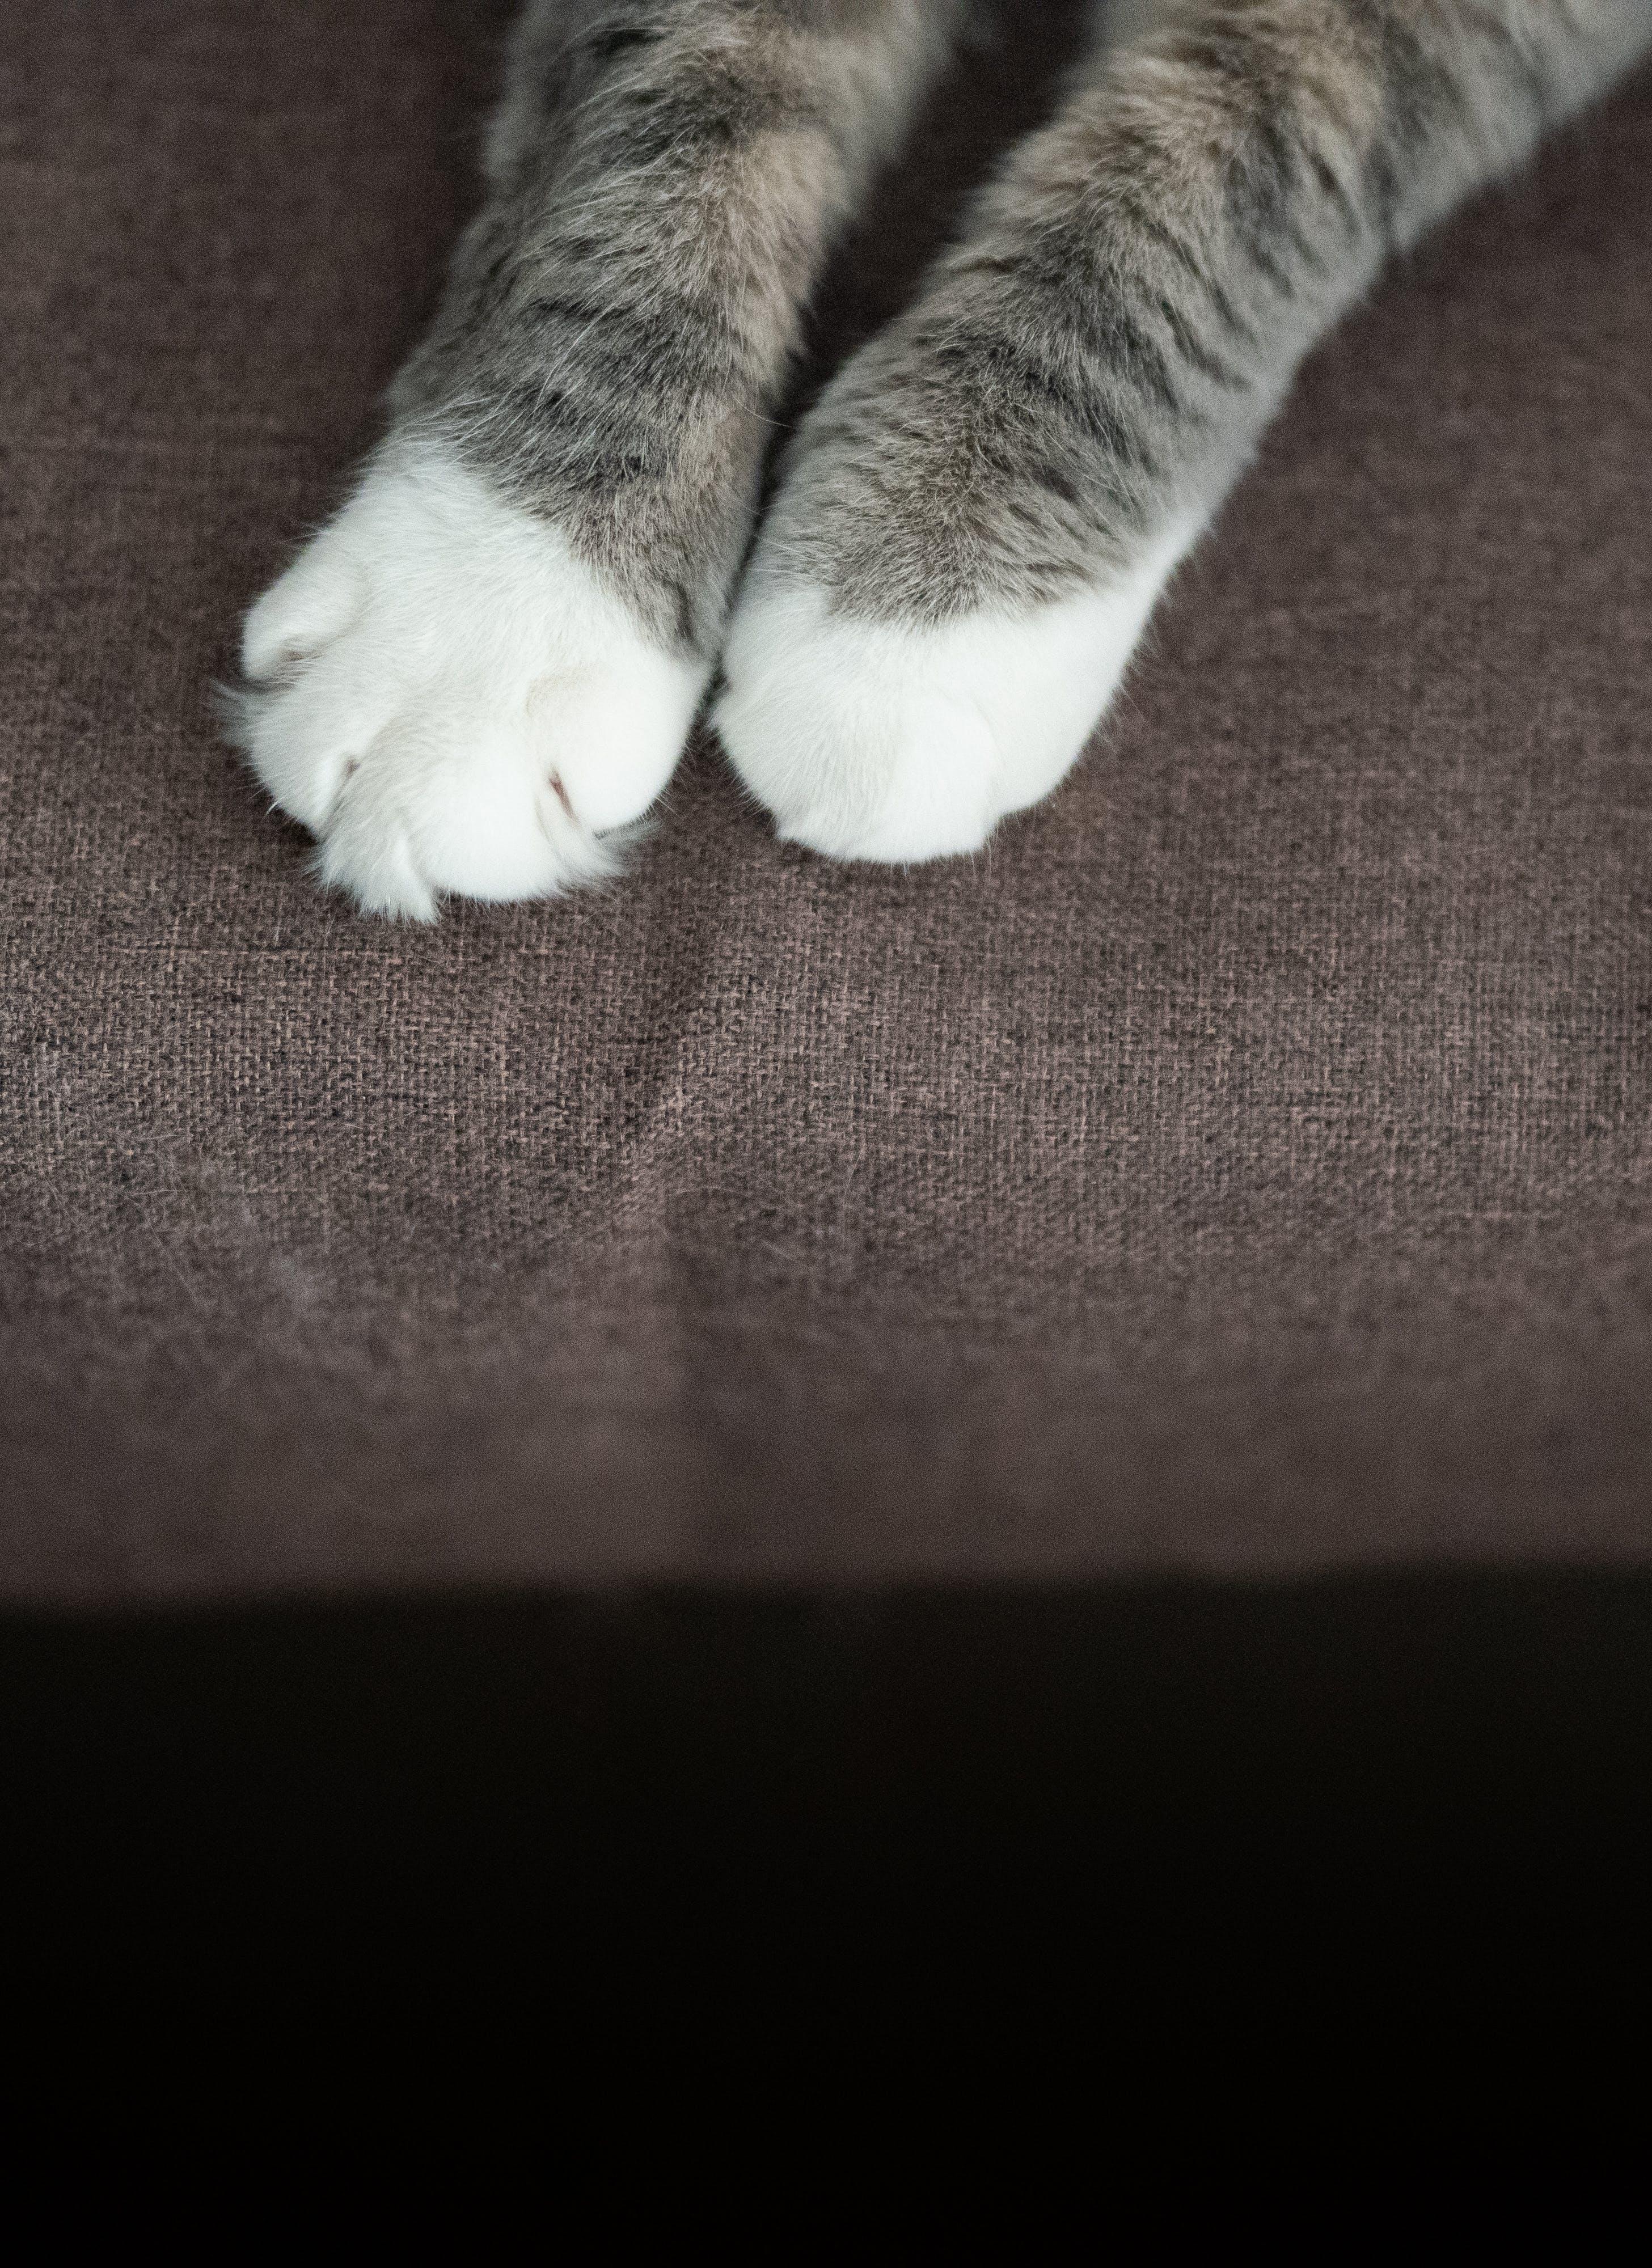 ev kedisi, hayvan, kedi, kedigil içeren Ücretsiz stok fotoğraf